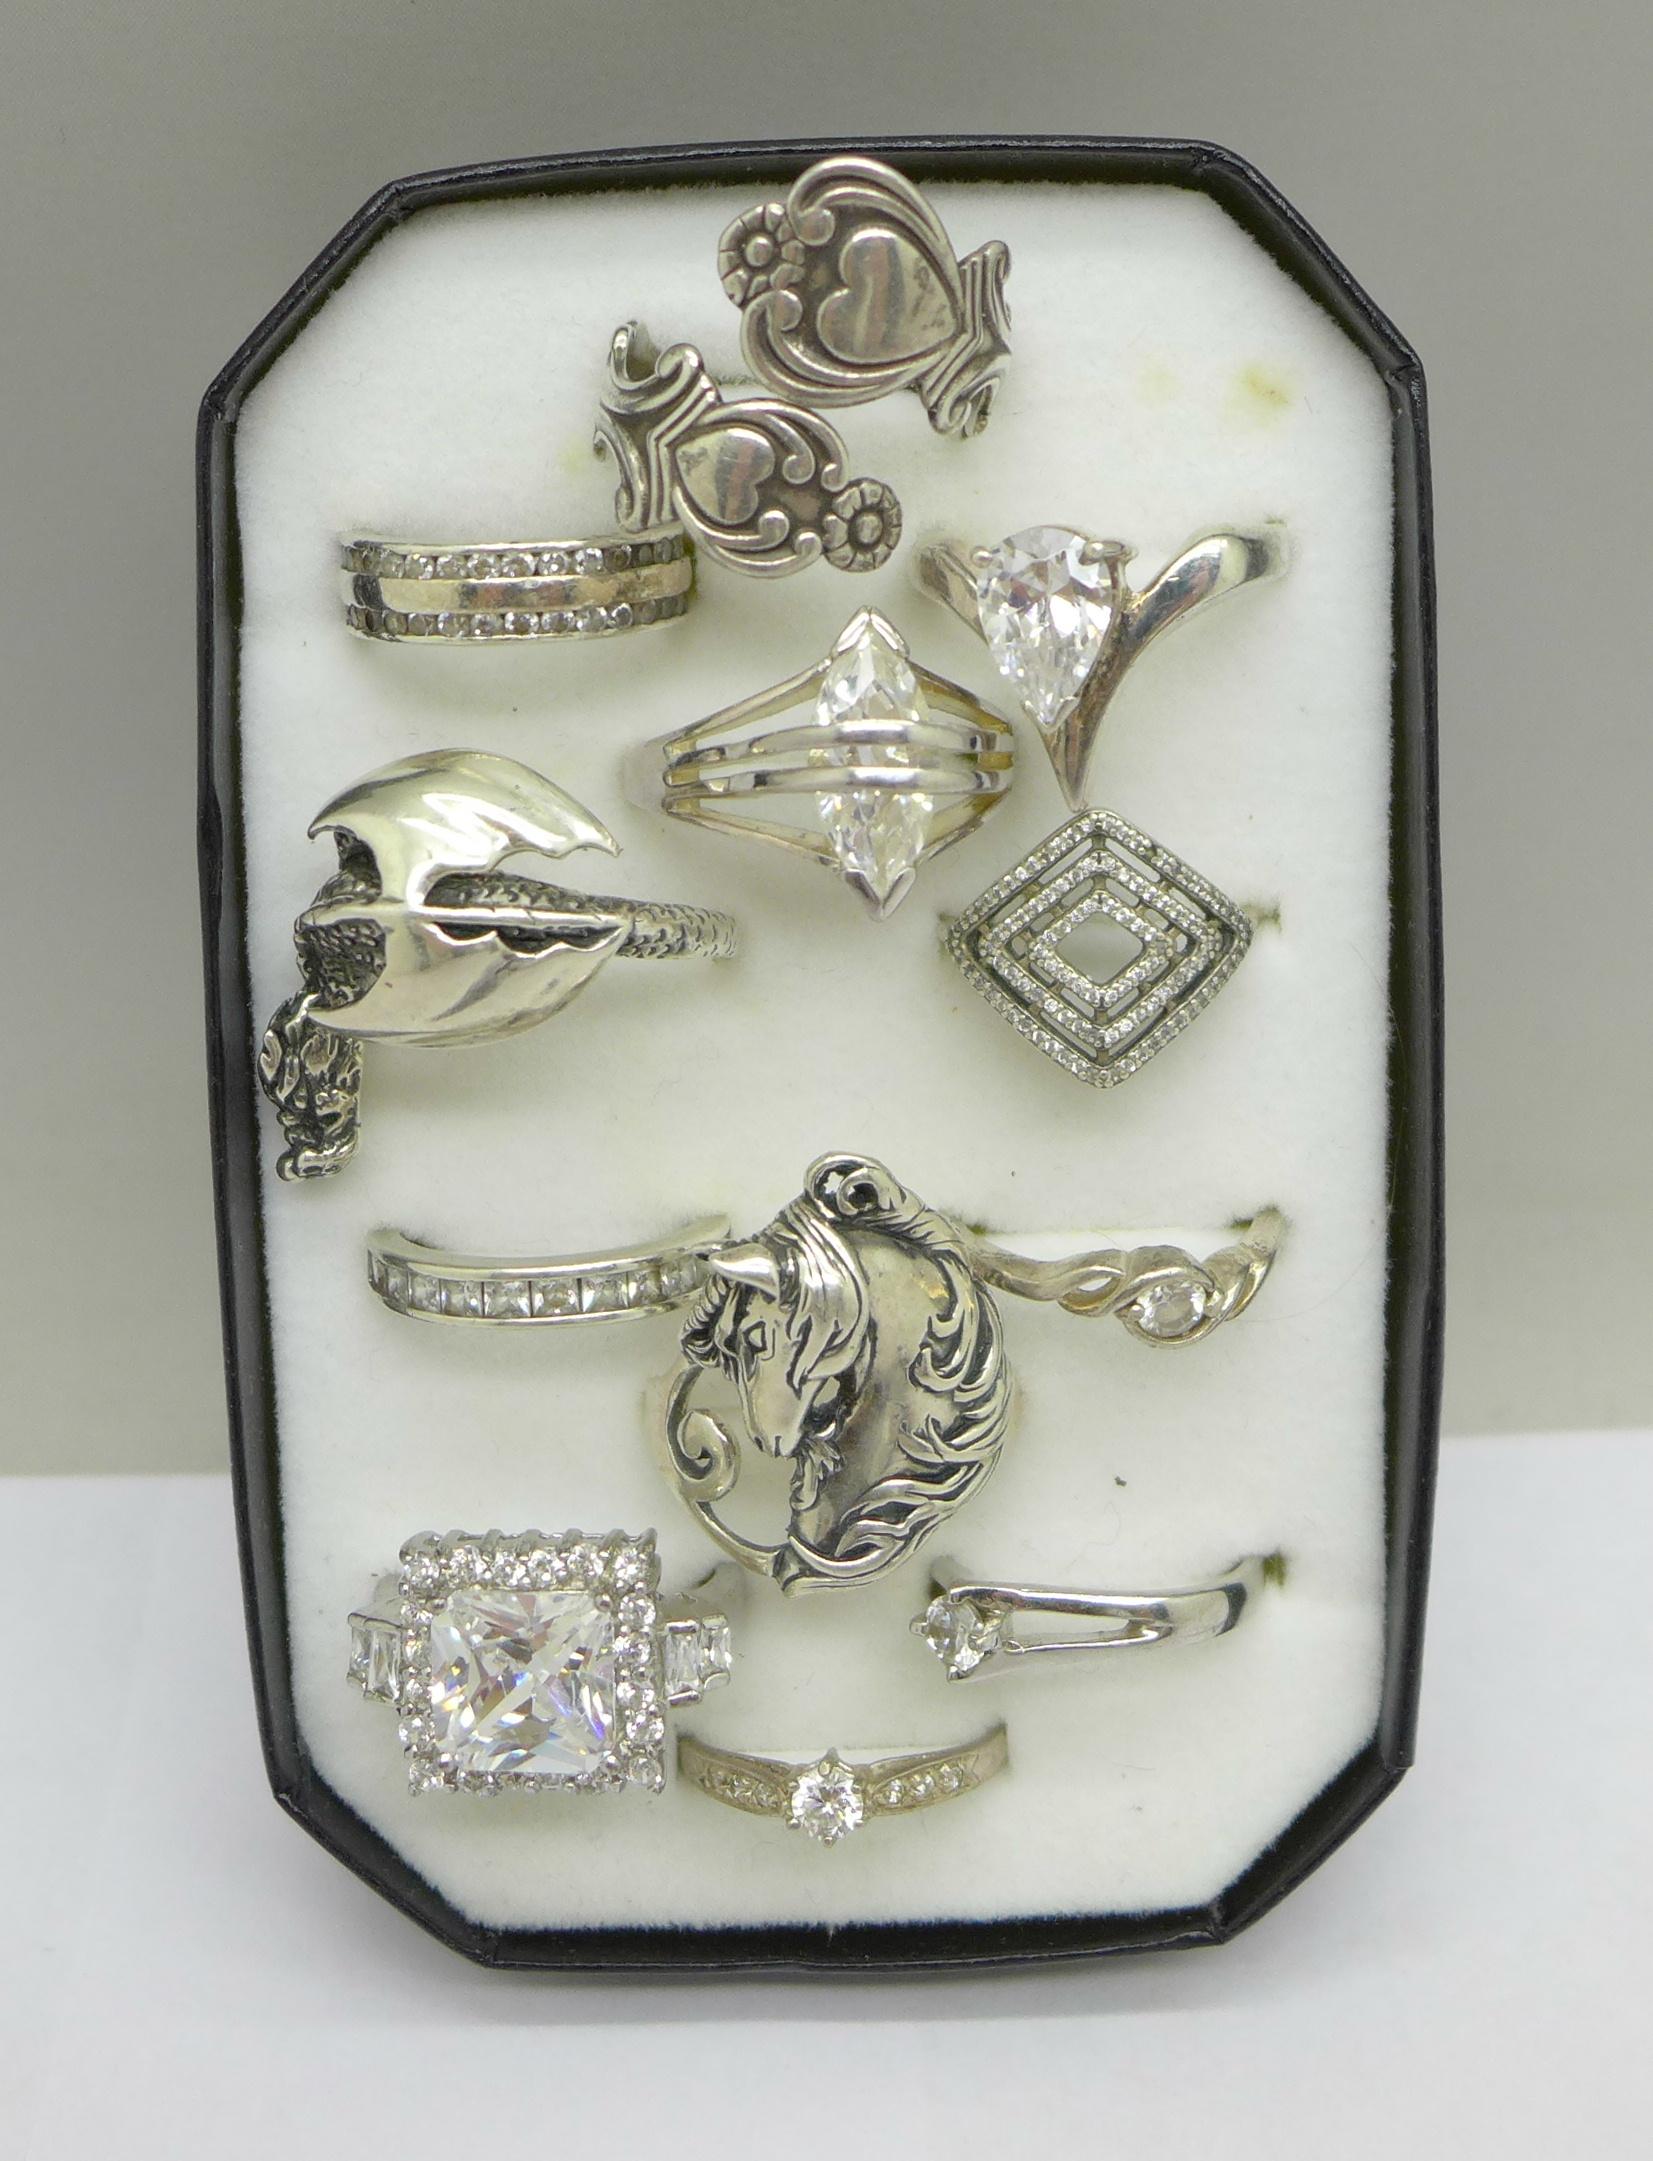 Twelve silver rings